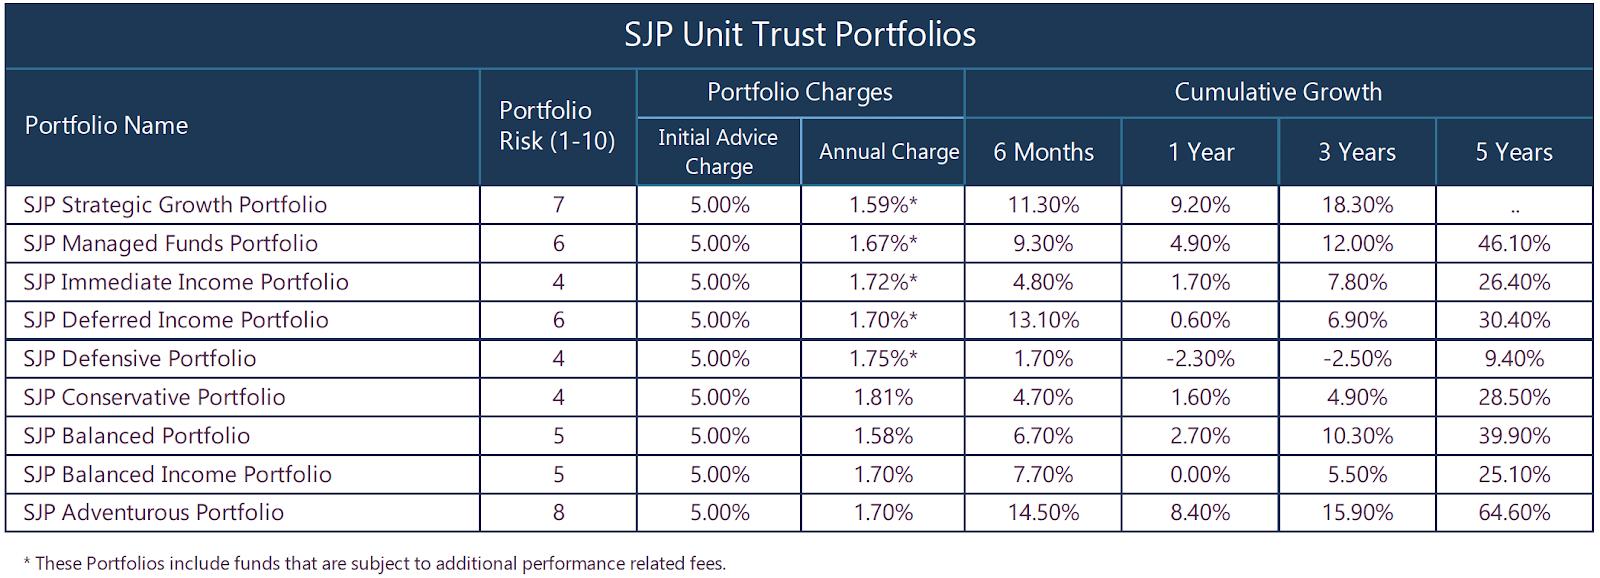 SJP Unit Trust Portfolios